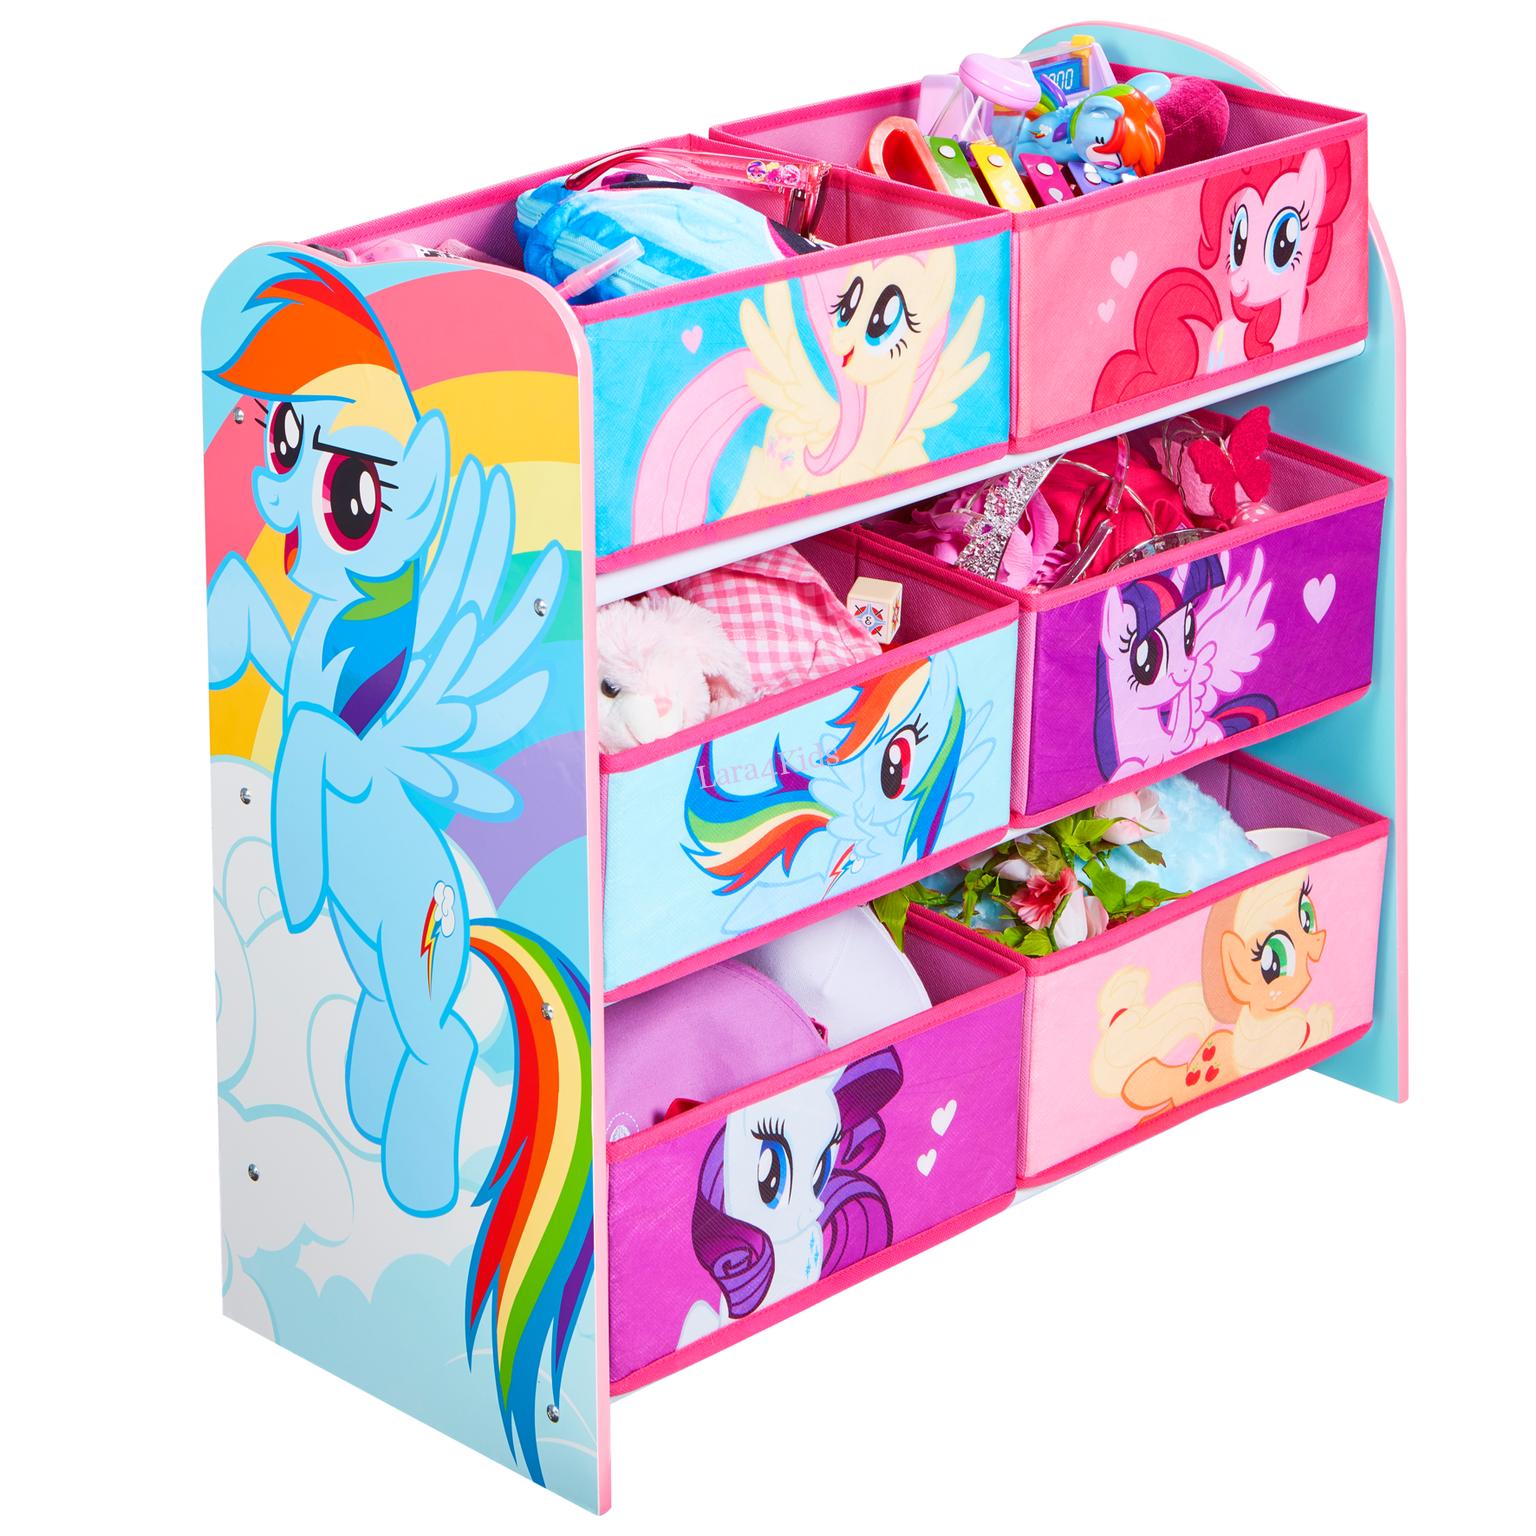 Komoda na hračky organizér My Little Pony